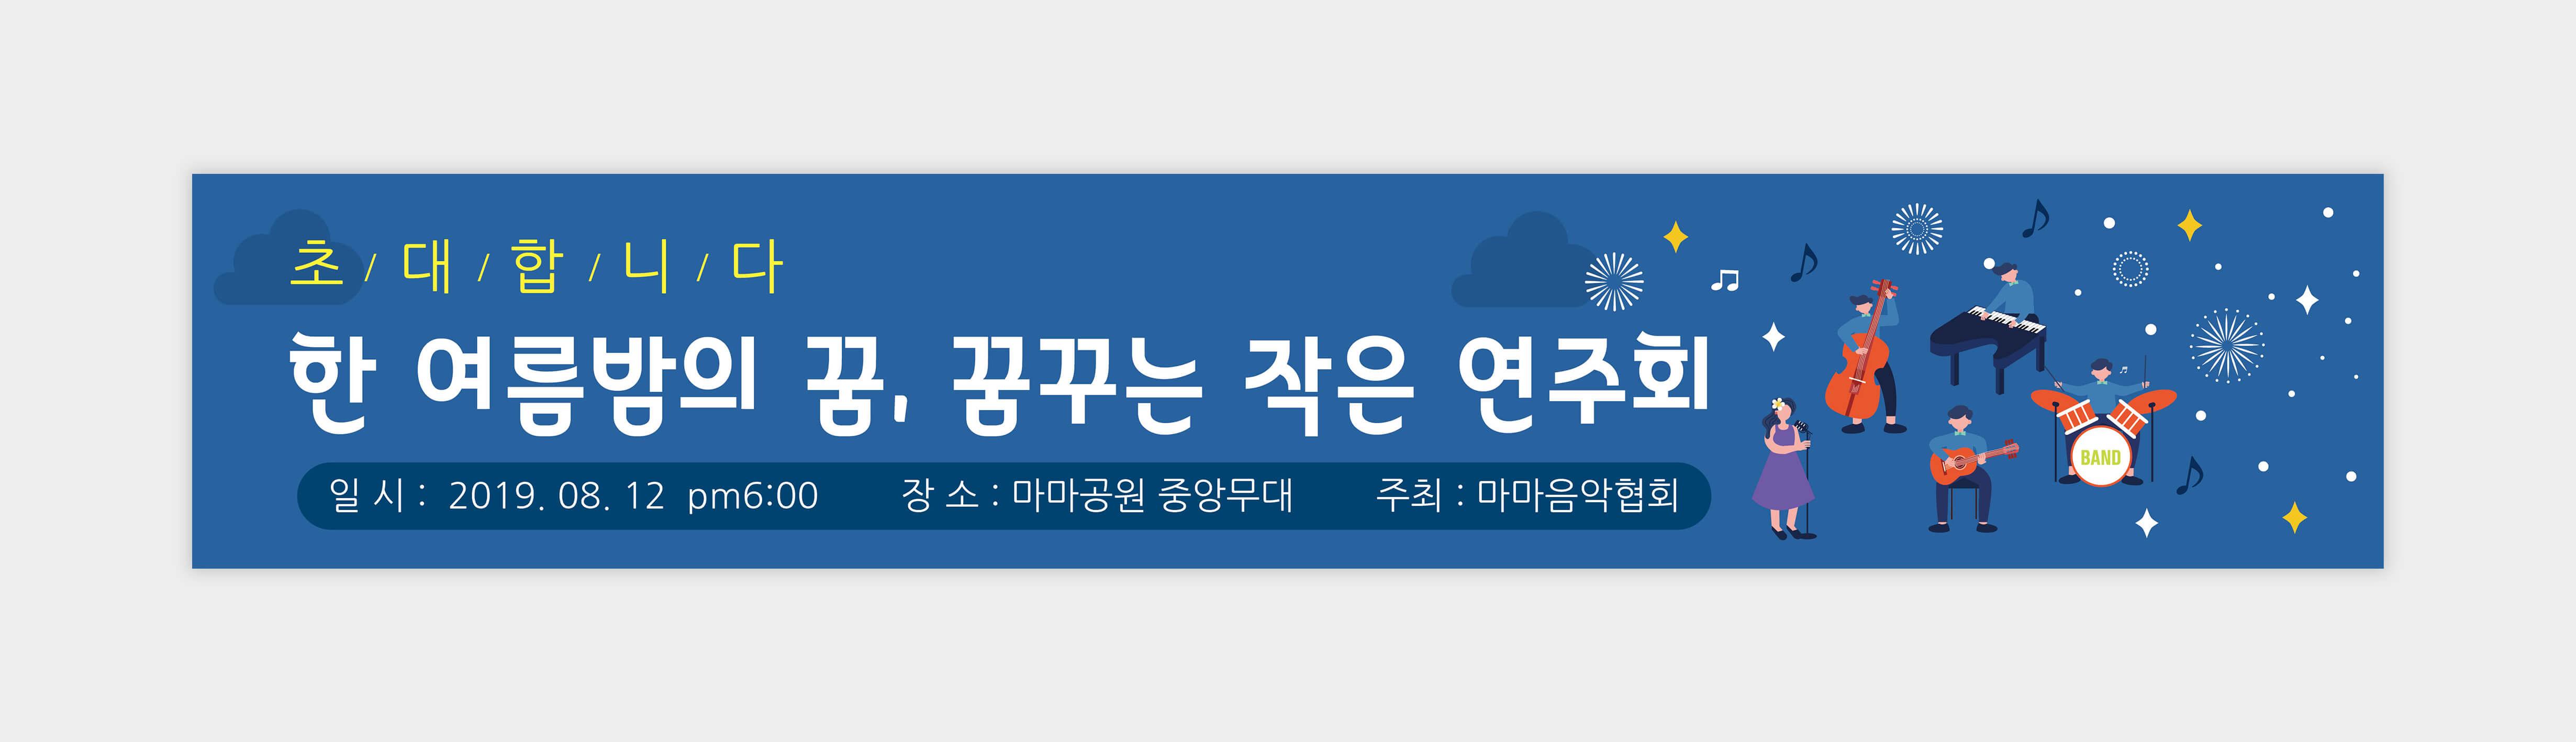 현수막_074